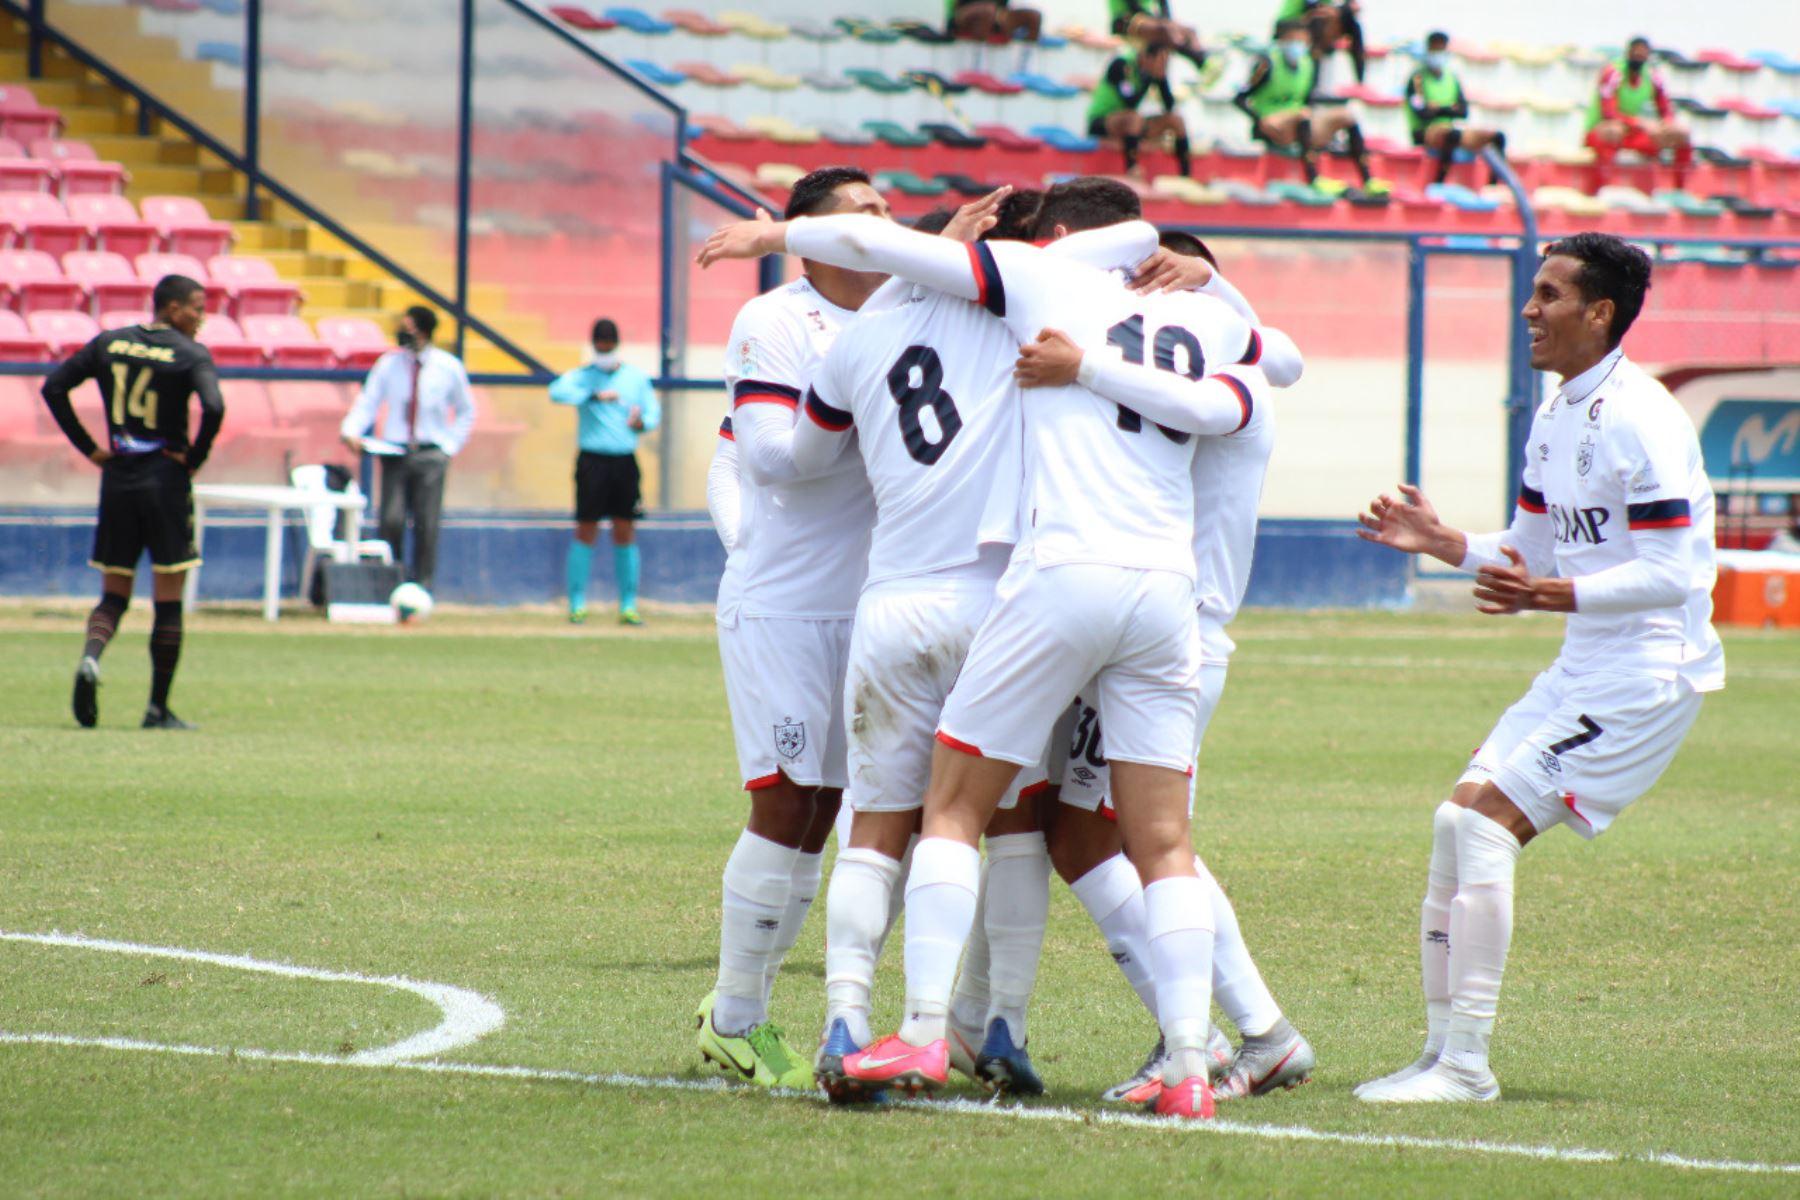 El futbolista Luis Garro del la Universidad San Martín celebra junto a sus compañeros tras anotar el empate a UTC de Cajamarca por la jornada 13 de la Liga 1. Foto: @LigaFutProf